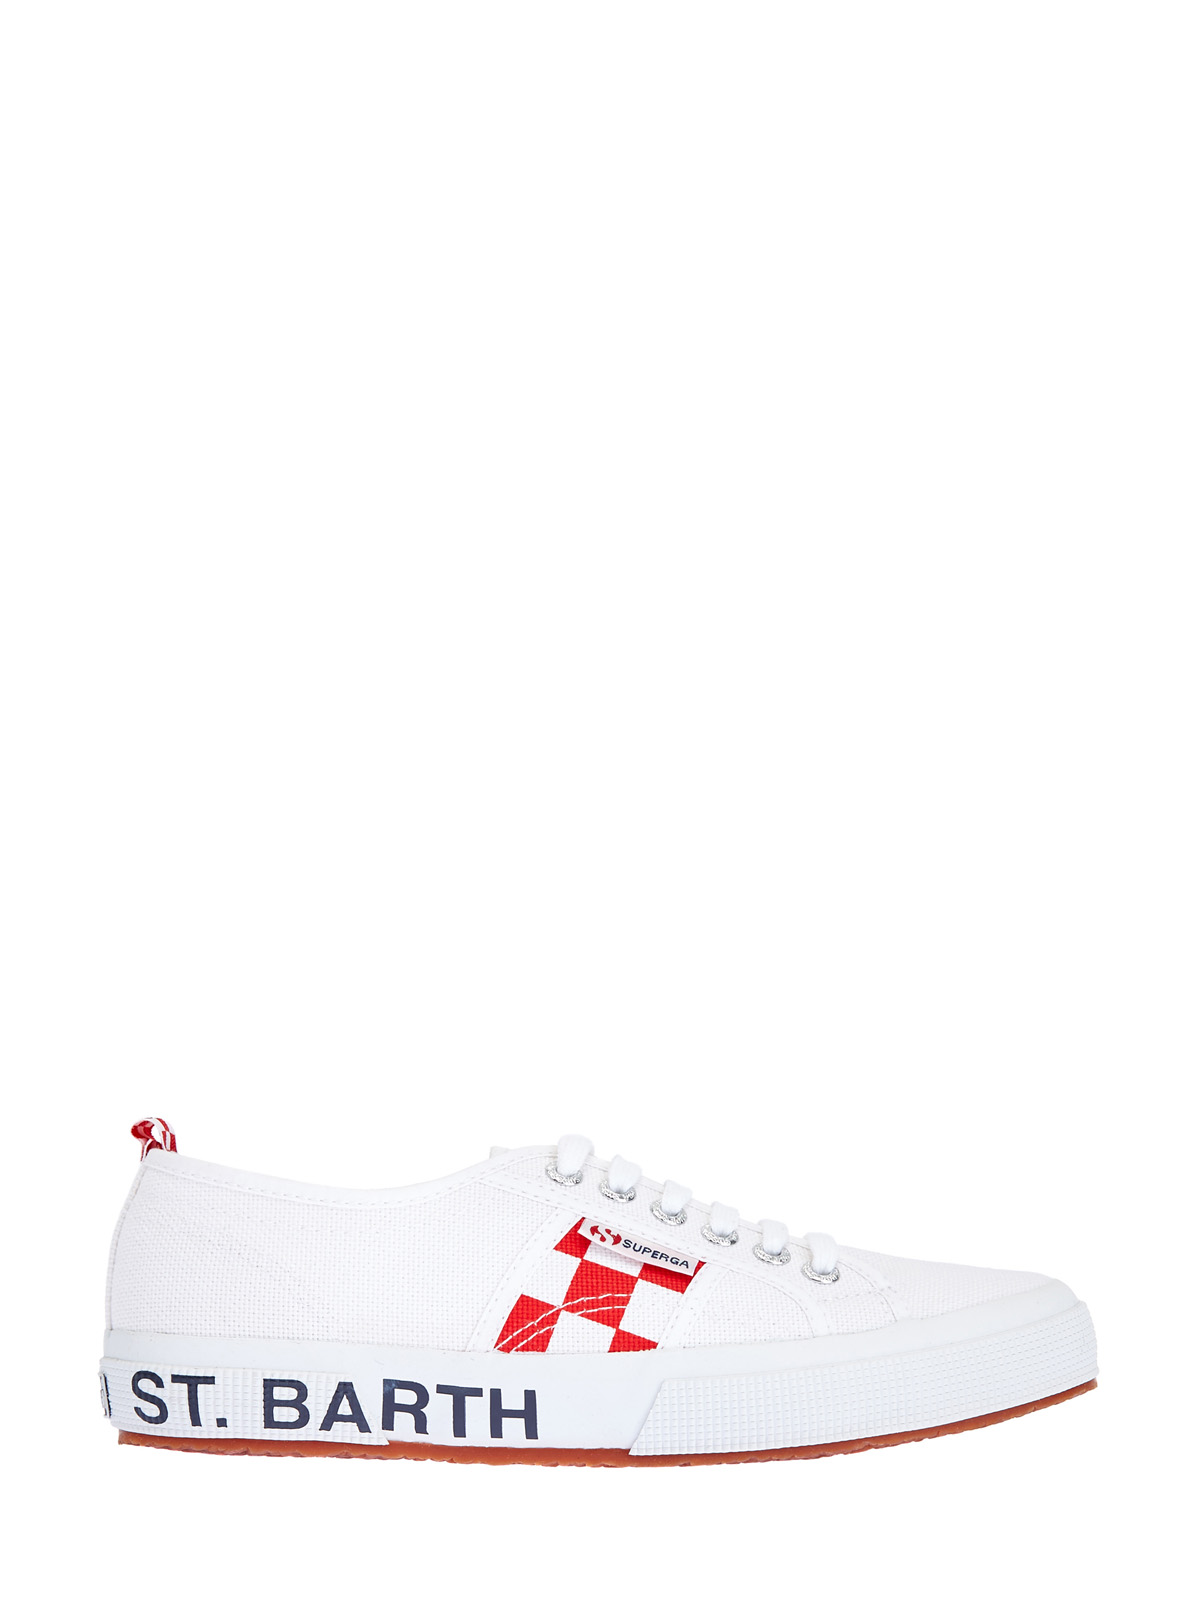 Хлопковые кеды Superga X MC2 Saint Barth